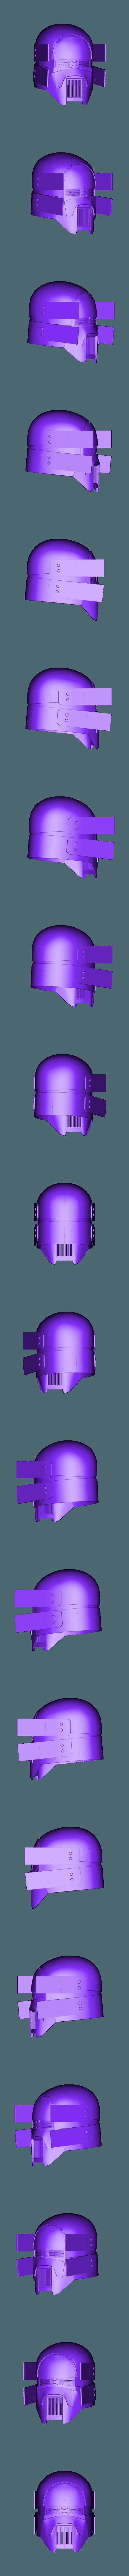 Sniper_Final_Assembled.stl Download OBJ file Sniper - Knights of Ren Helmet mask, Star Wars 3D print model • 3D printable model, 3D-mon